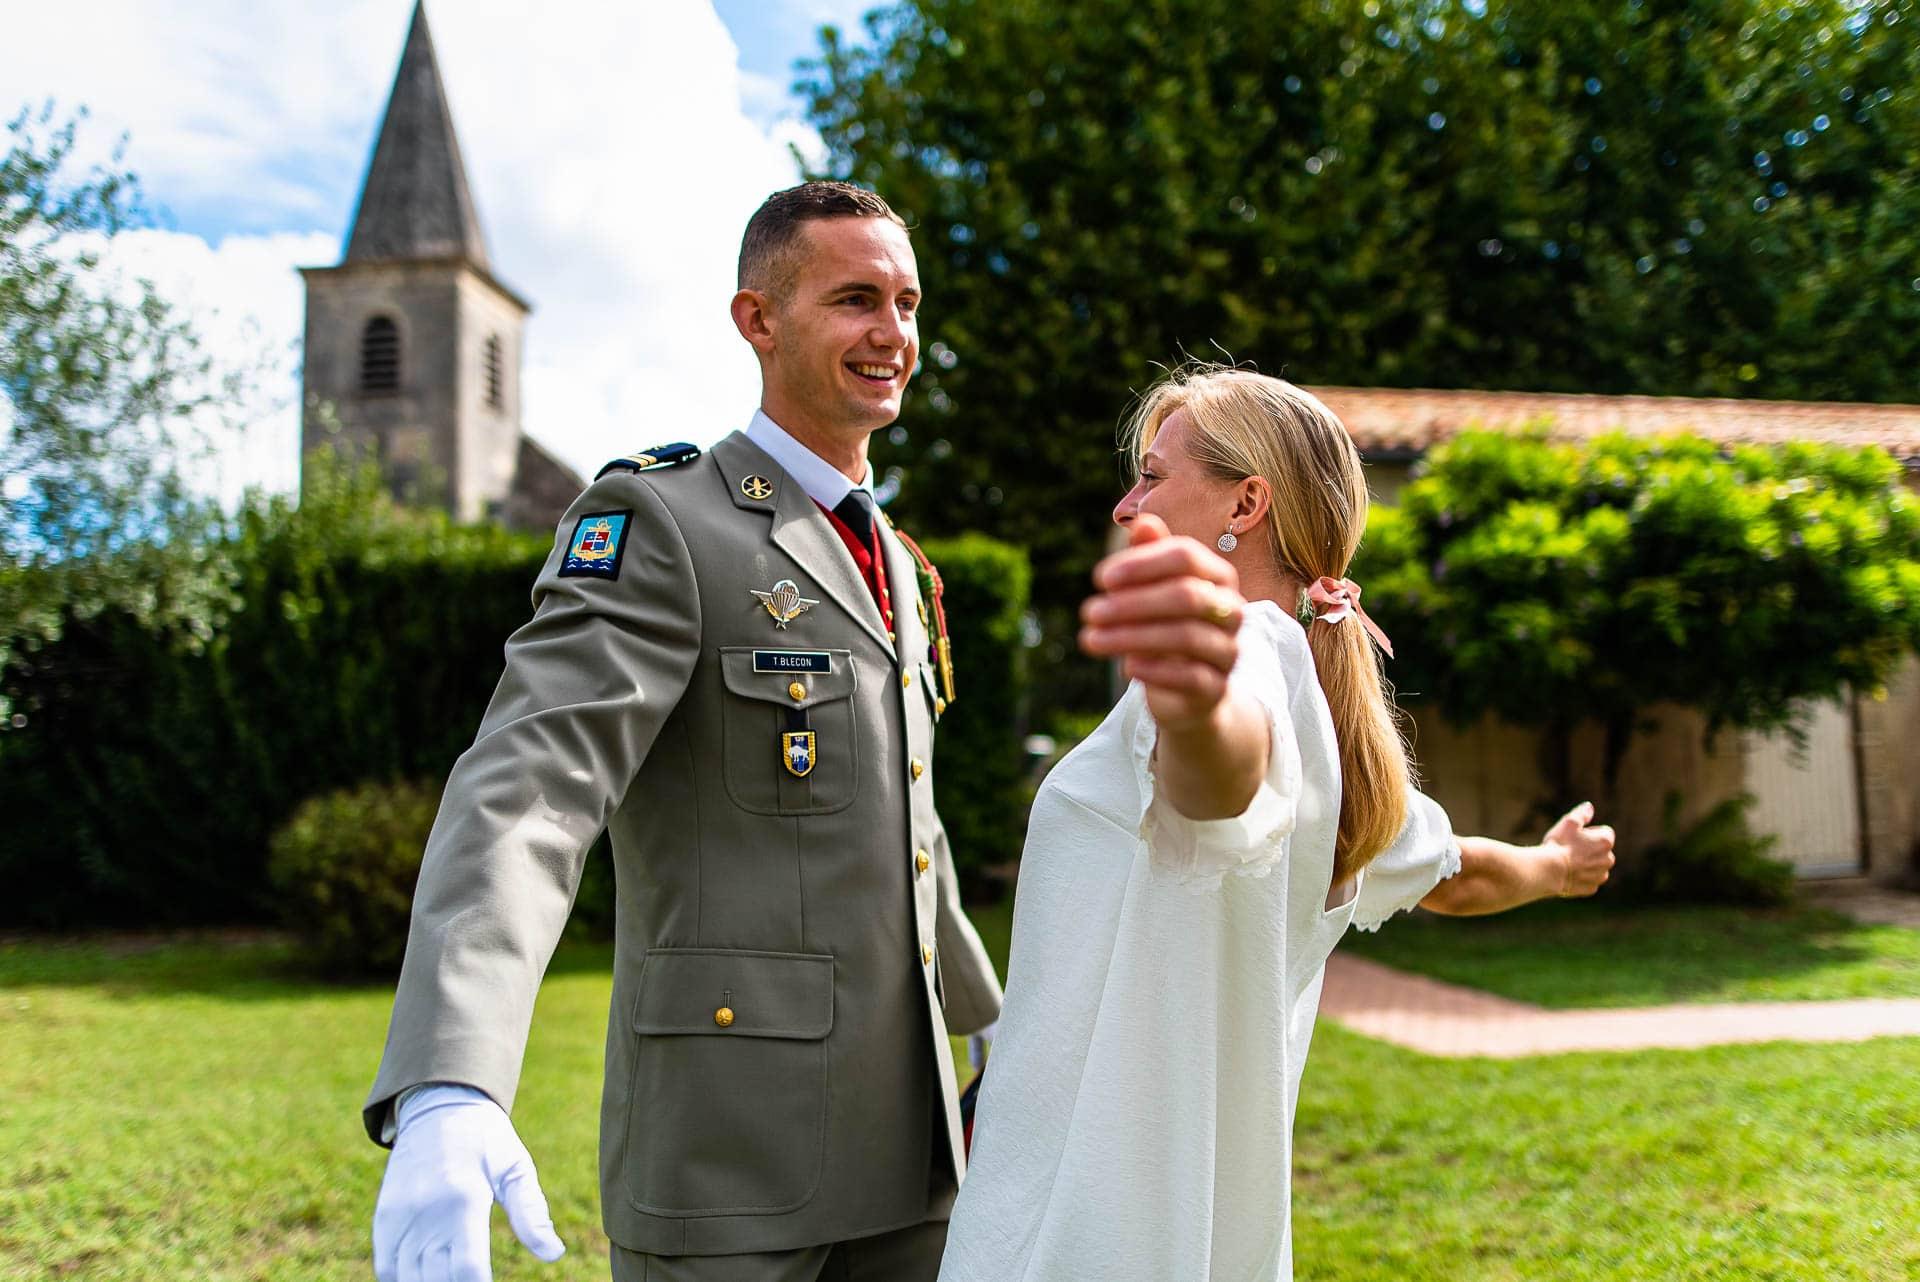 Les jeunes mariés célèbrent leur mariage près de bordeaux